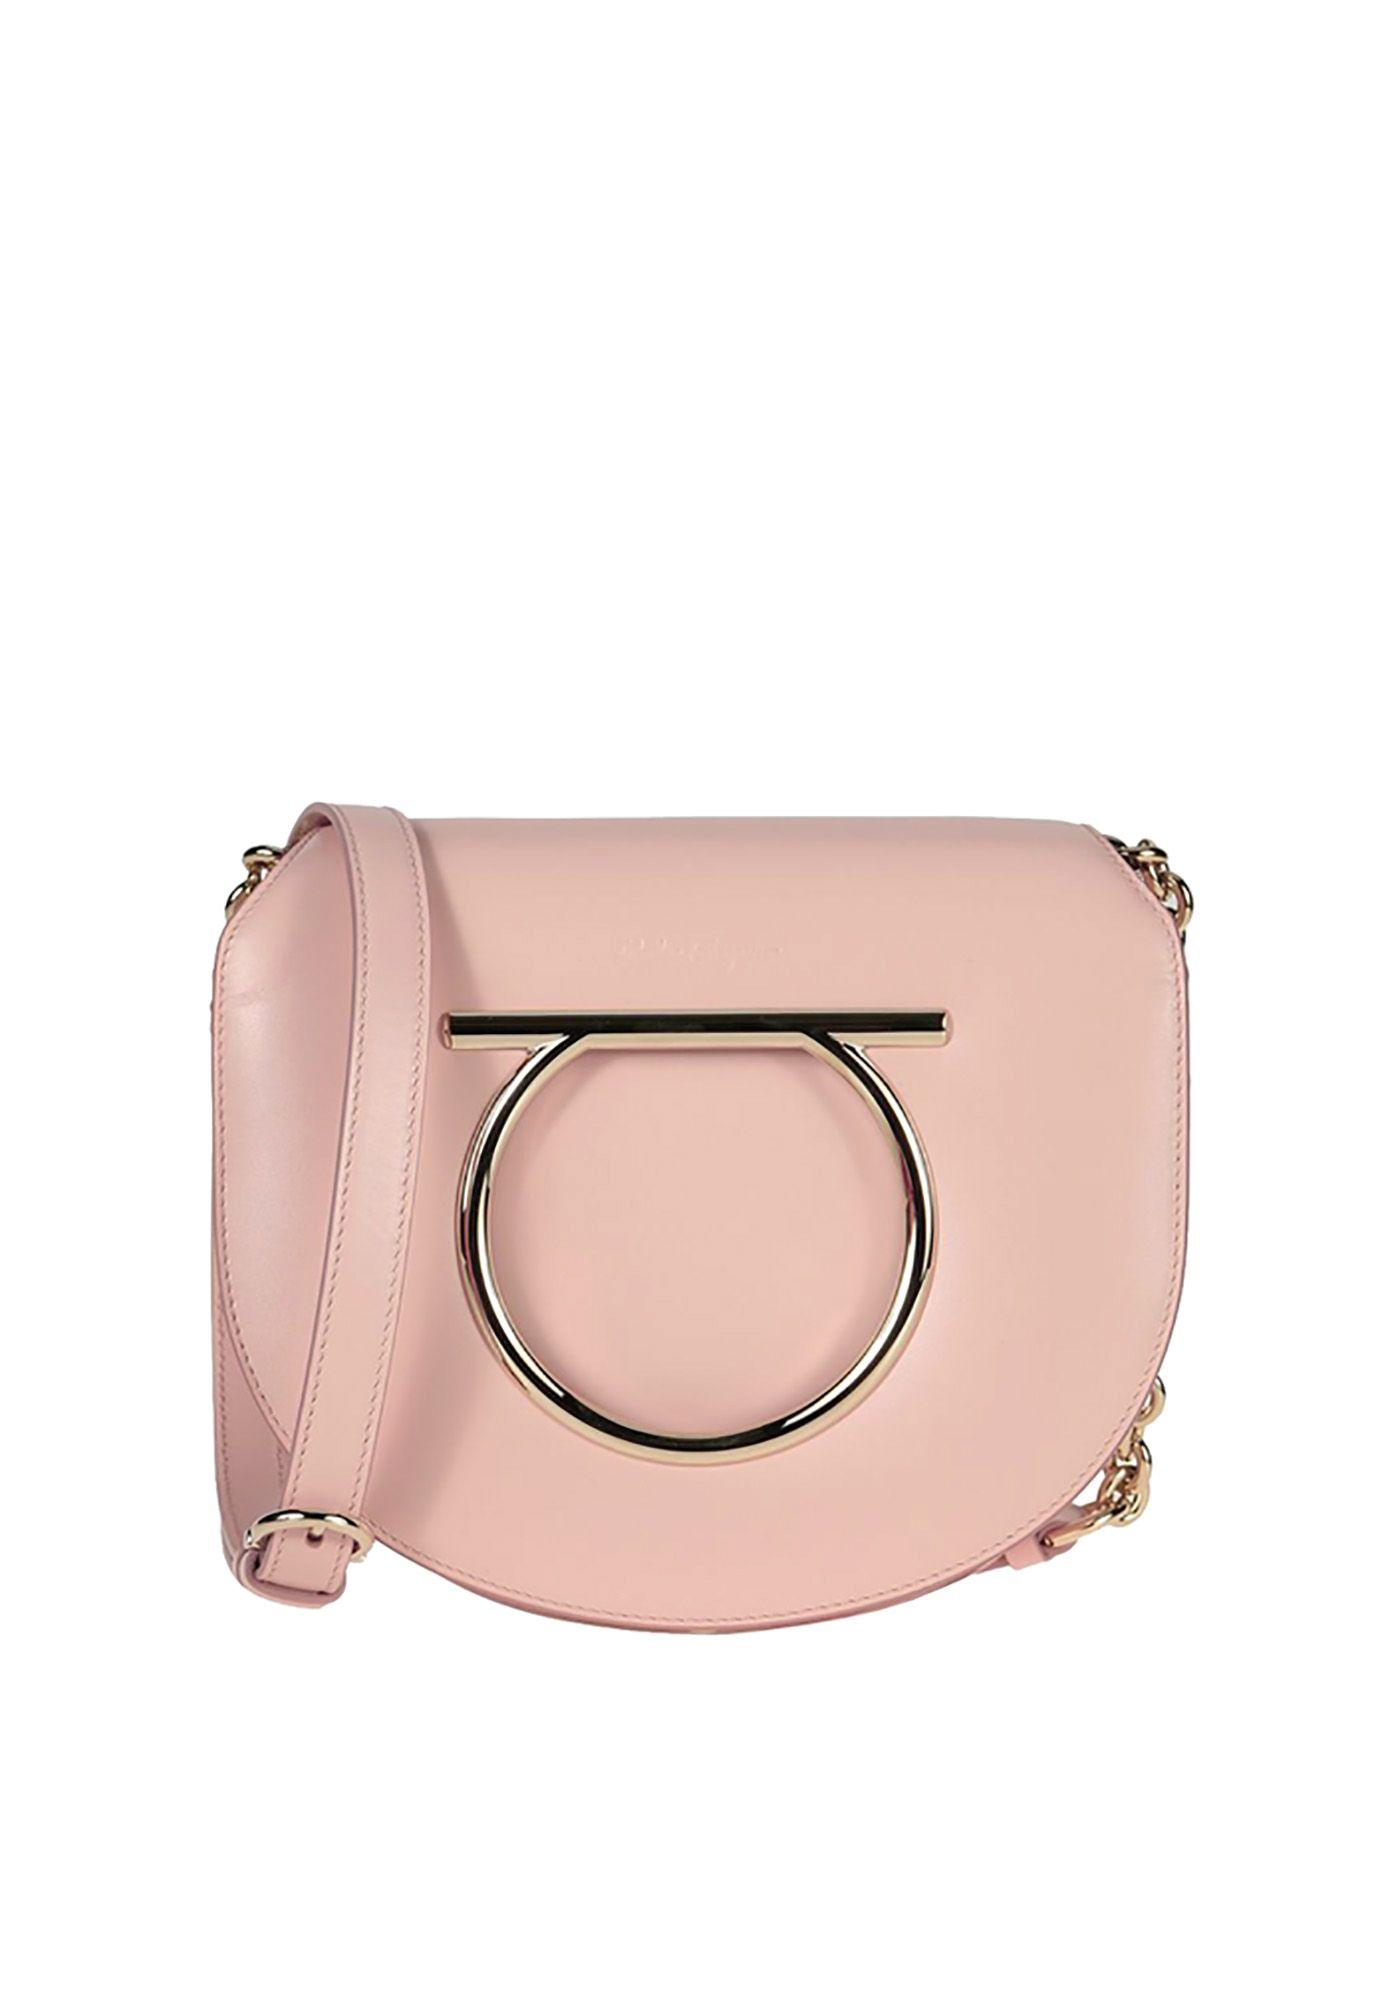 ed40df56fcd8 SALVATORE FERRAGAMO VELA MINI SHOULDER BAG. #salvatoreferragamo #bags  #shoulder bags #leather